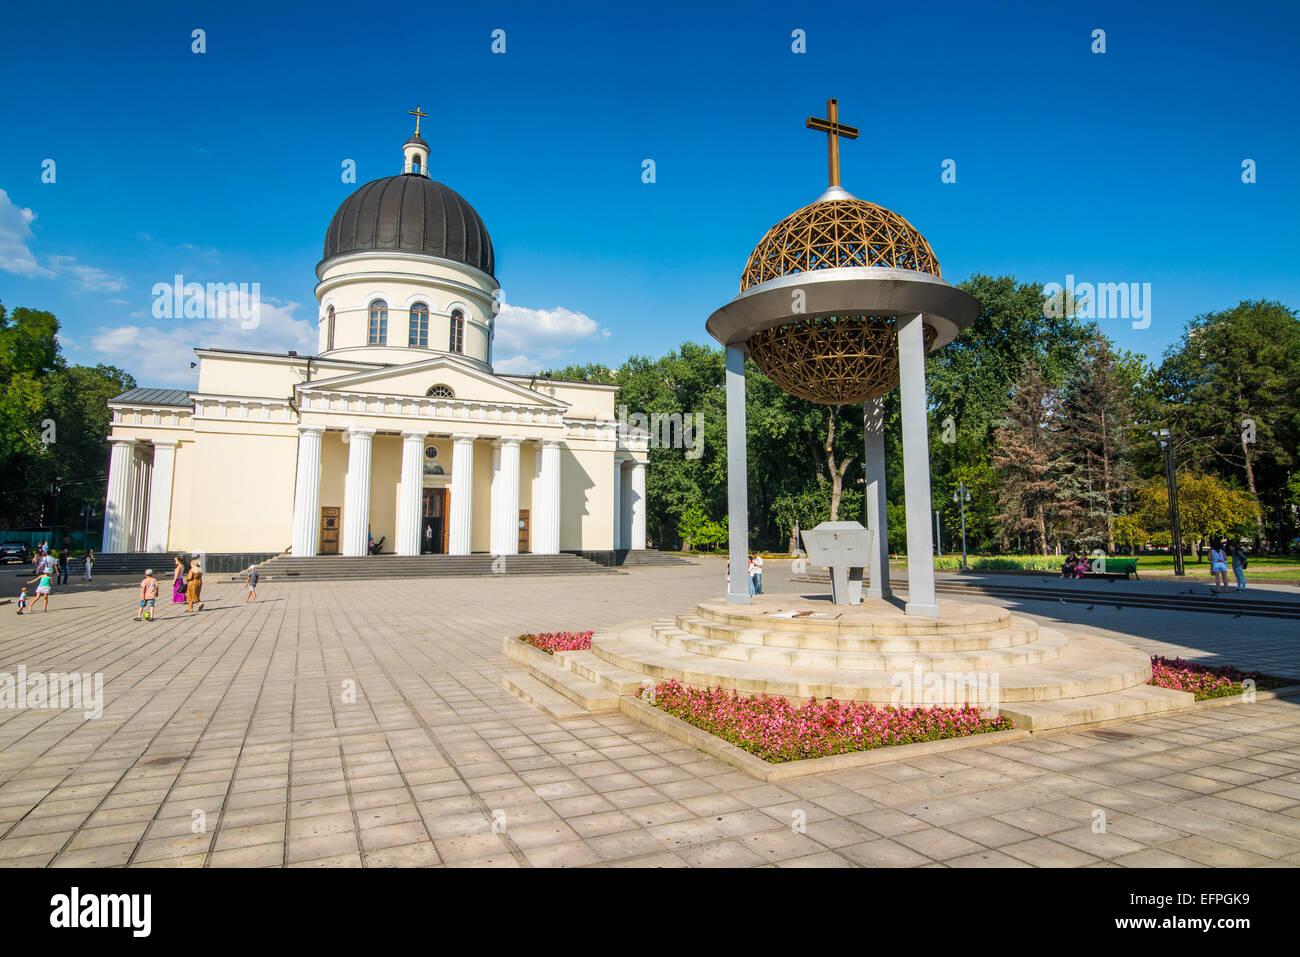 Geburt-Kathedrale im Zentrum von Chisinau Hauptstadt der Republik Moldau, Osteuropa Stockbild